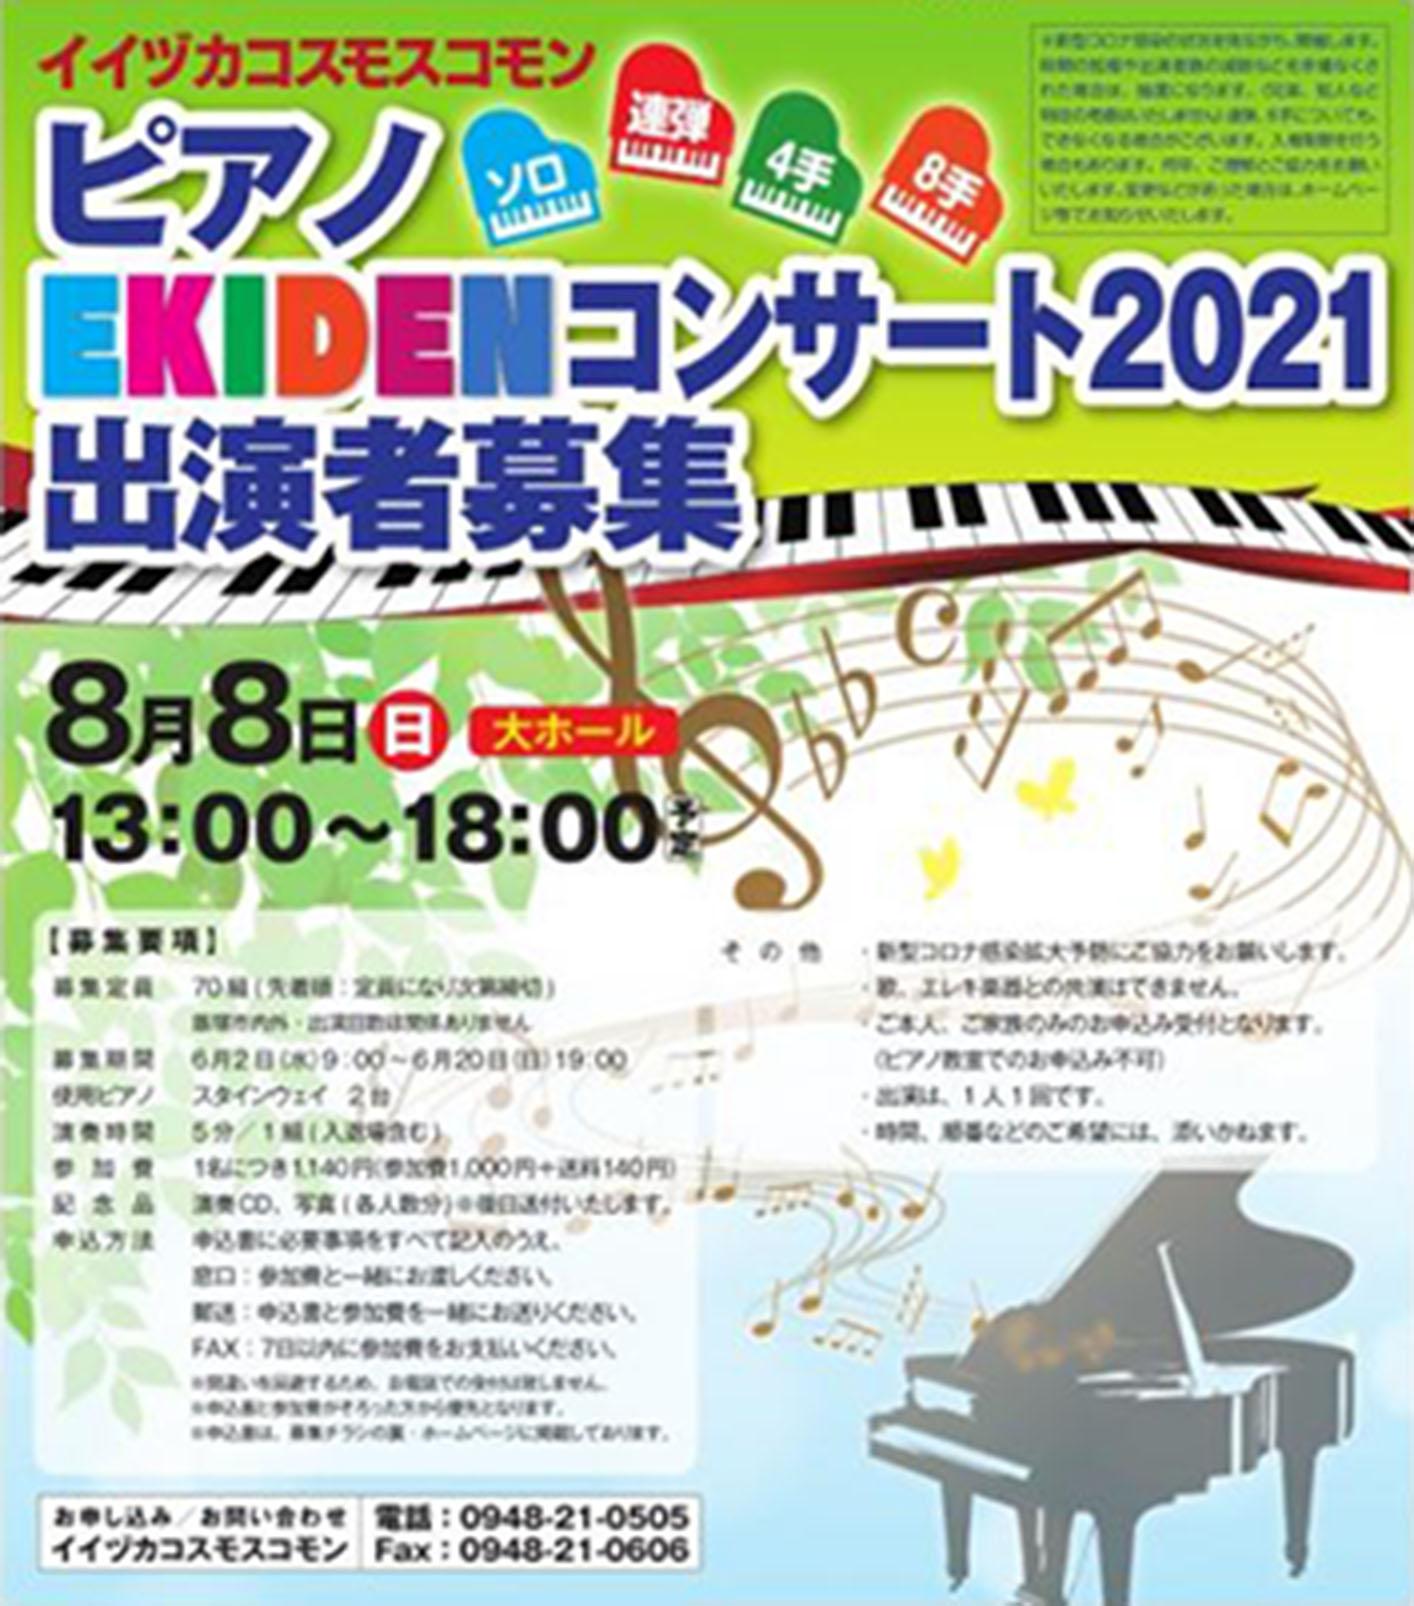 ピアノ EKIDEN コンサート 2021